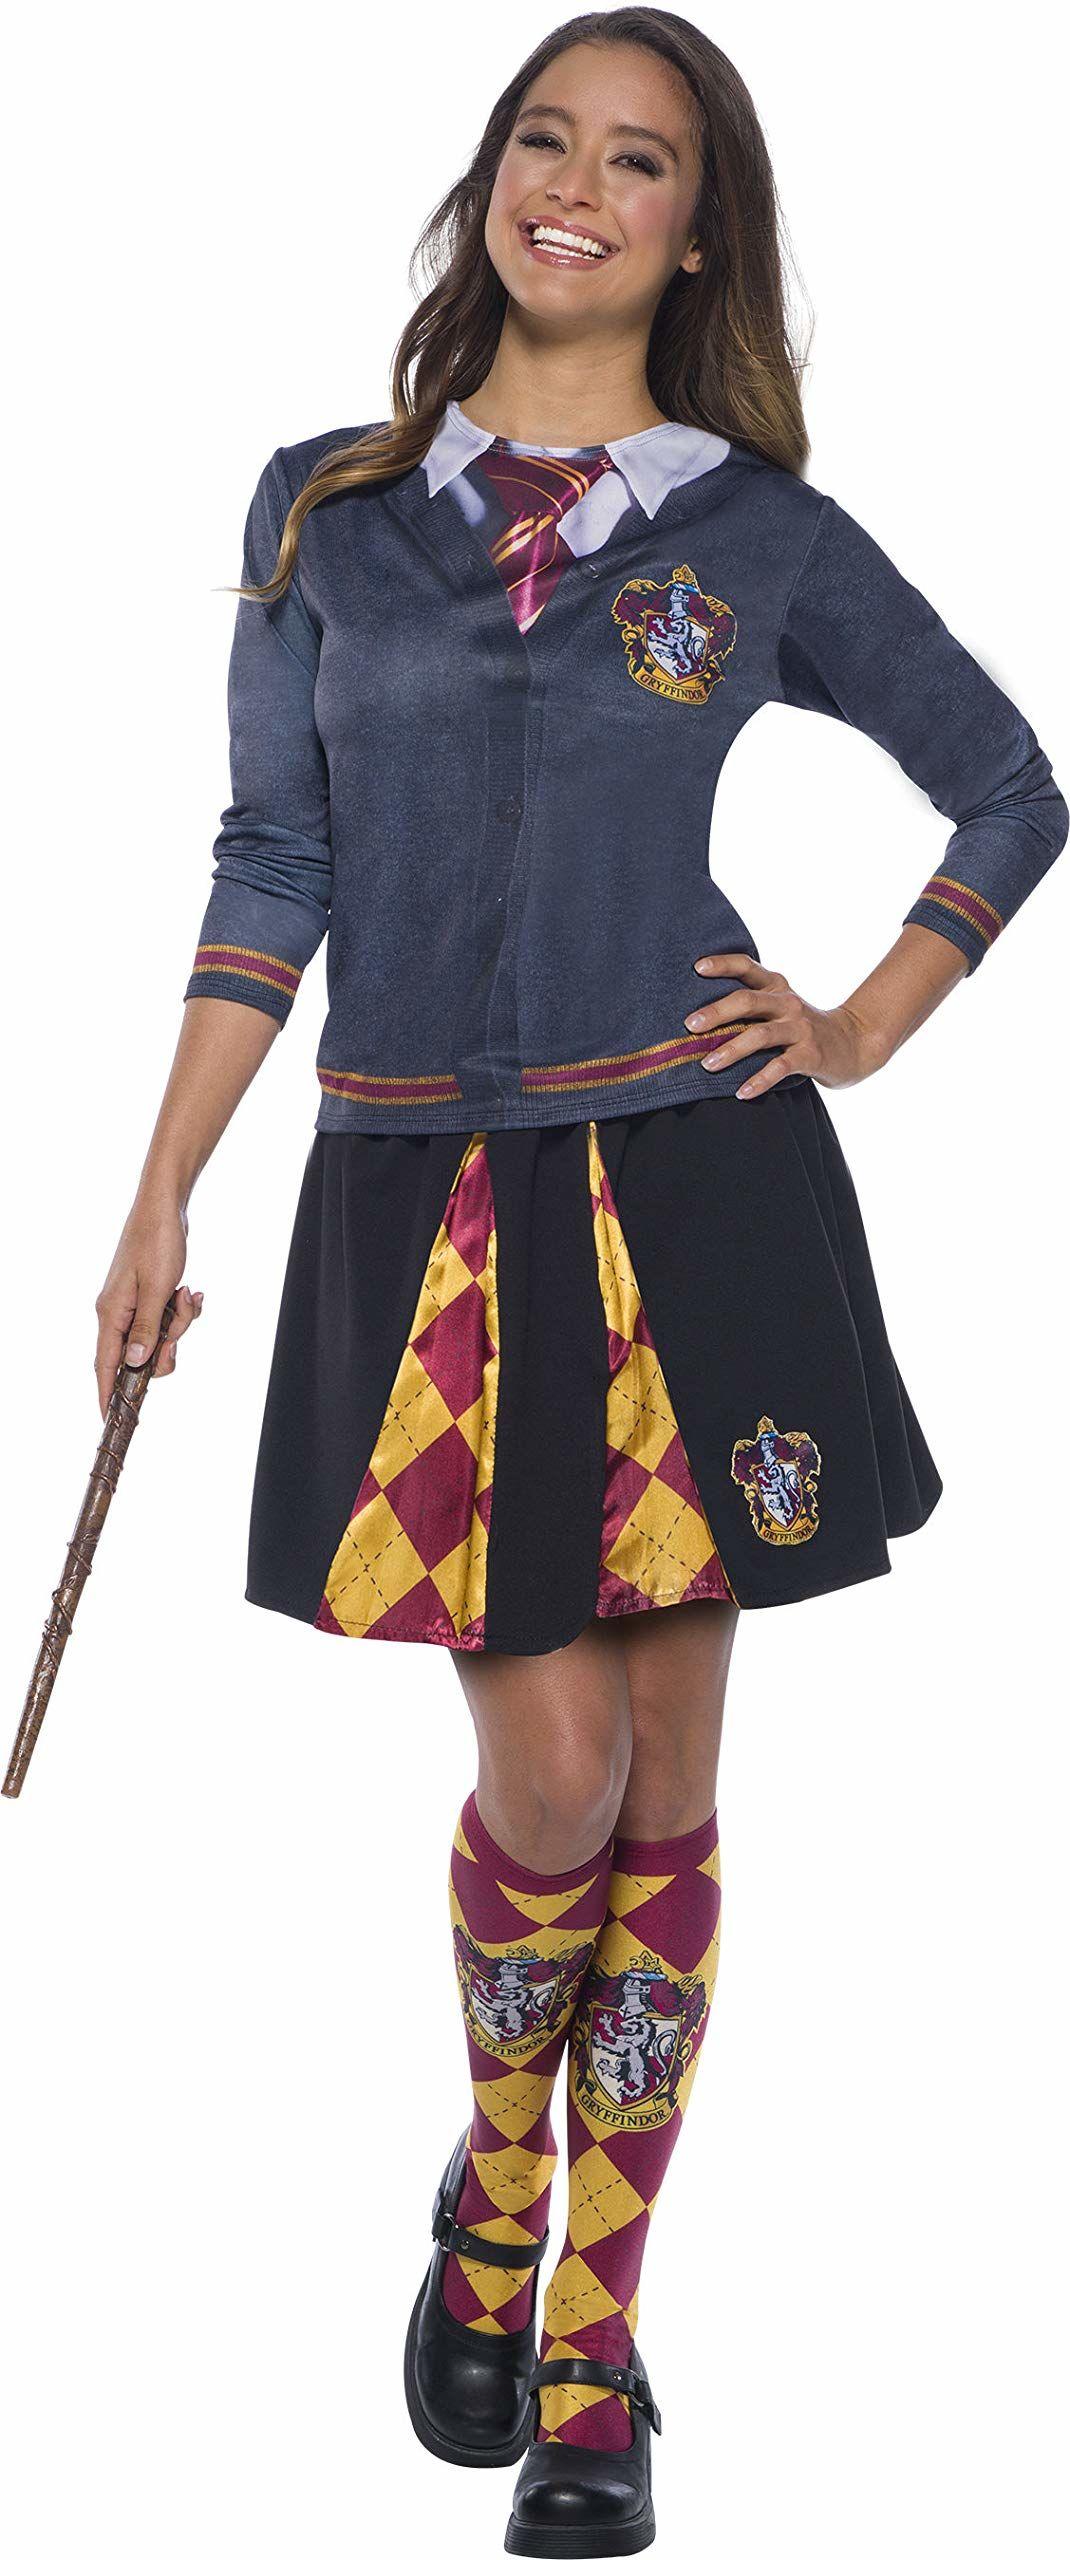 Rubie''s 821144_S-000-S oficjalna damska część kostiumu Harry Potter, 821144, Gryffindor, S